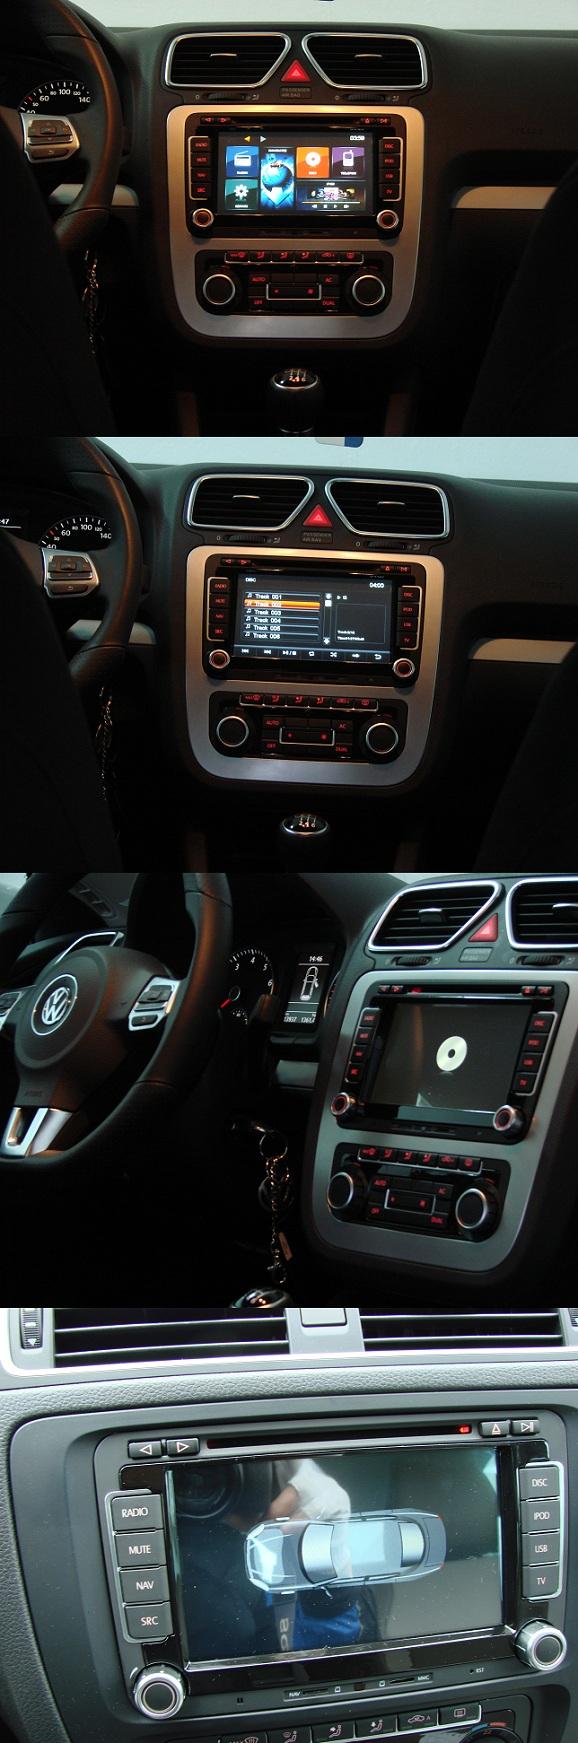 dvd auto cu navigatie prin gps pentru vw skoda seat